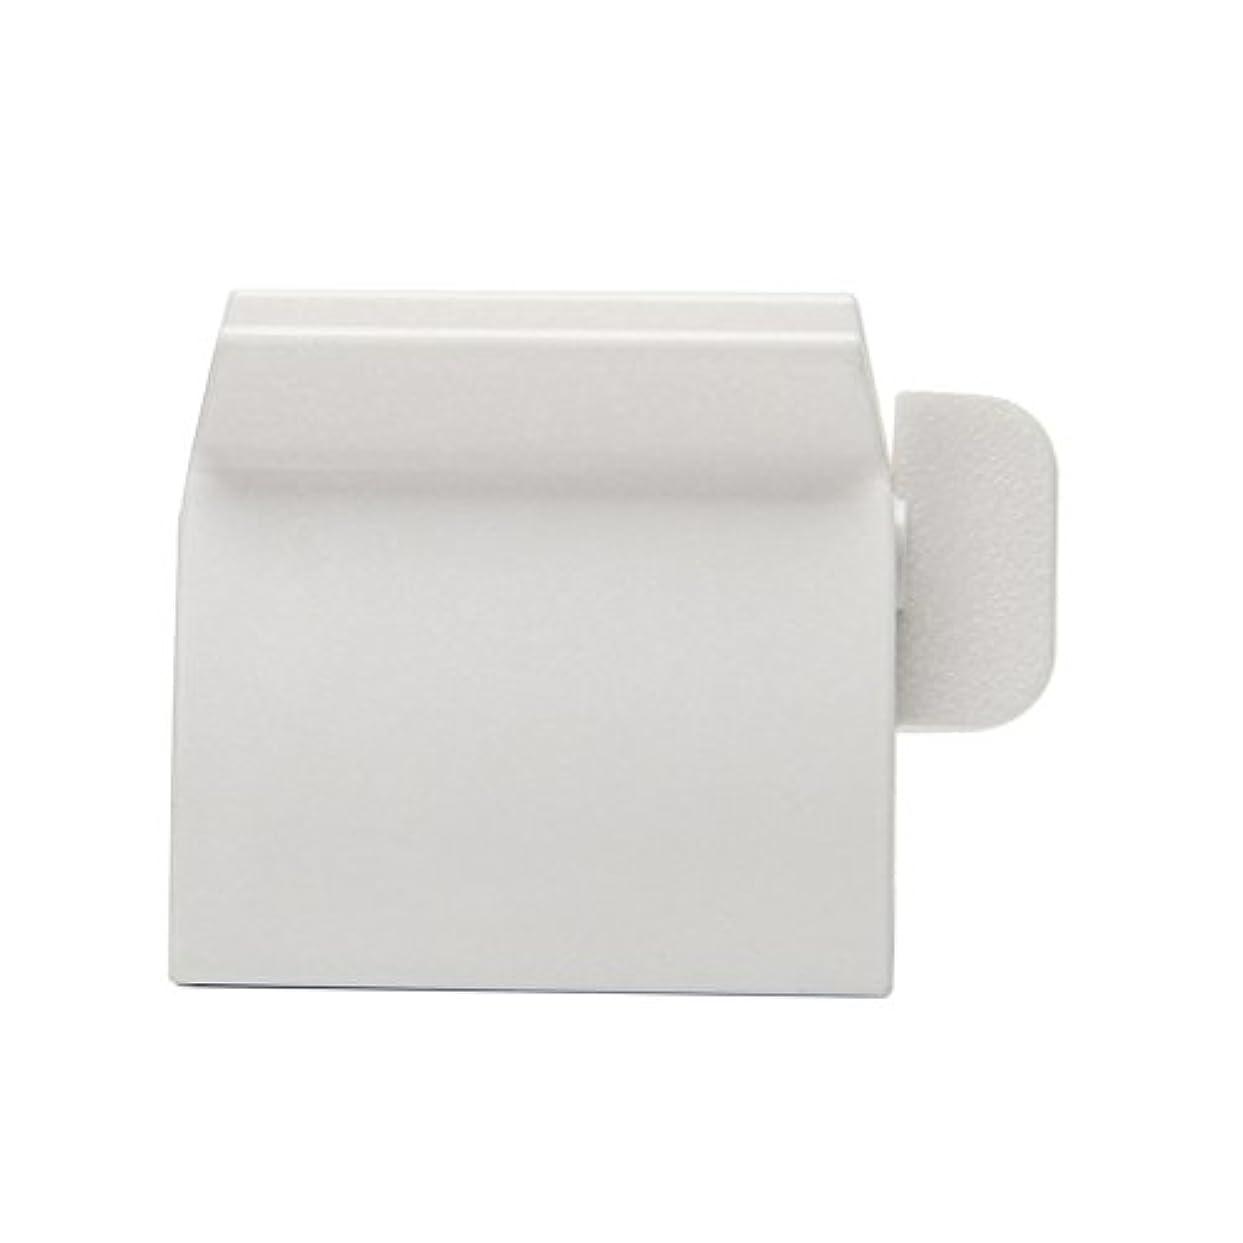 マラドロイト磁石壊滅的なLamdoo浴室ホームチューブローリングホルダースクイーザ簡単歯磨き粉ディスペンサー